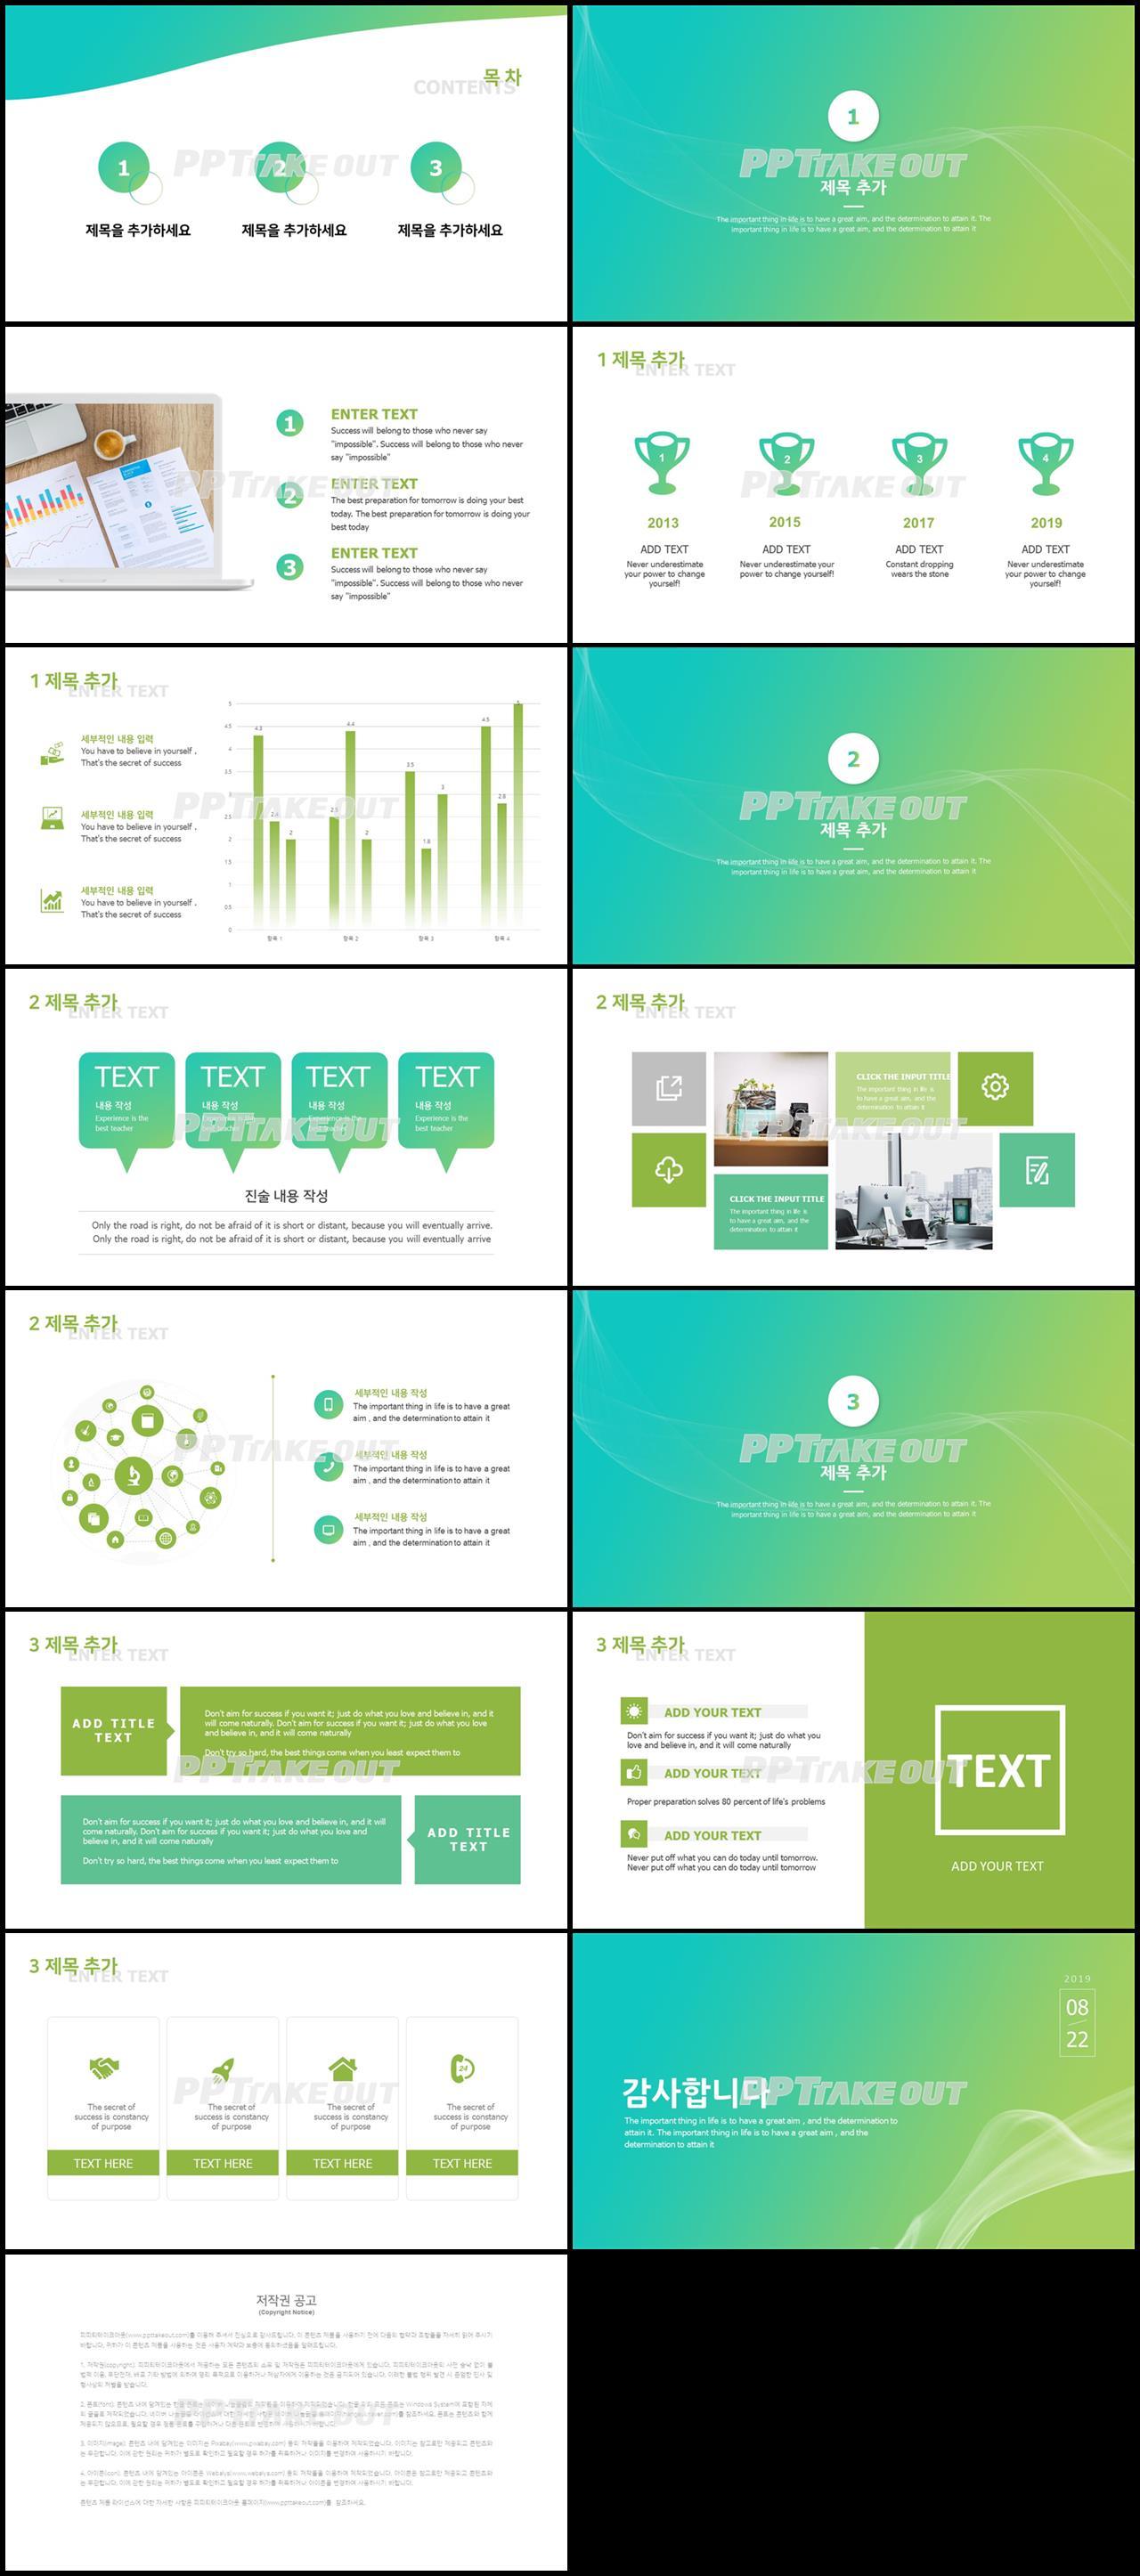 상업계획 초록색 패션느낌 고급스럽운 피피티양식 사이트 상세보기